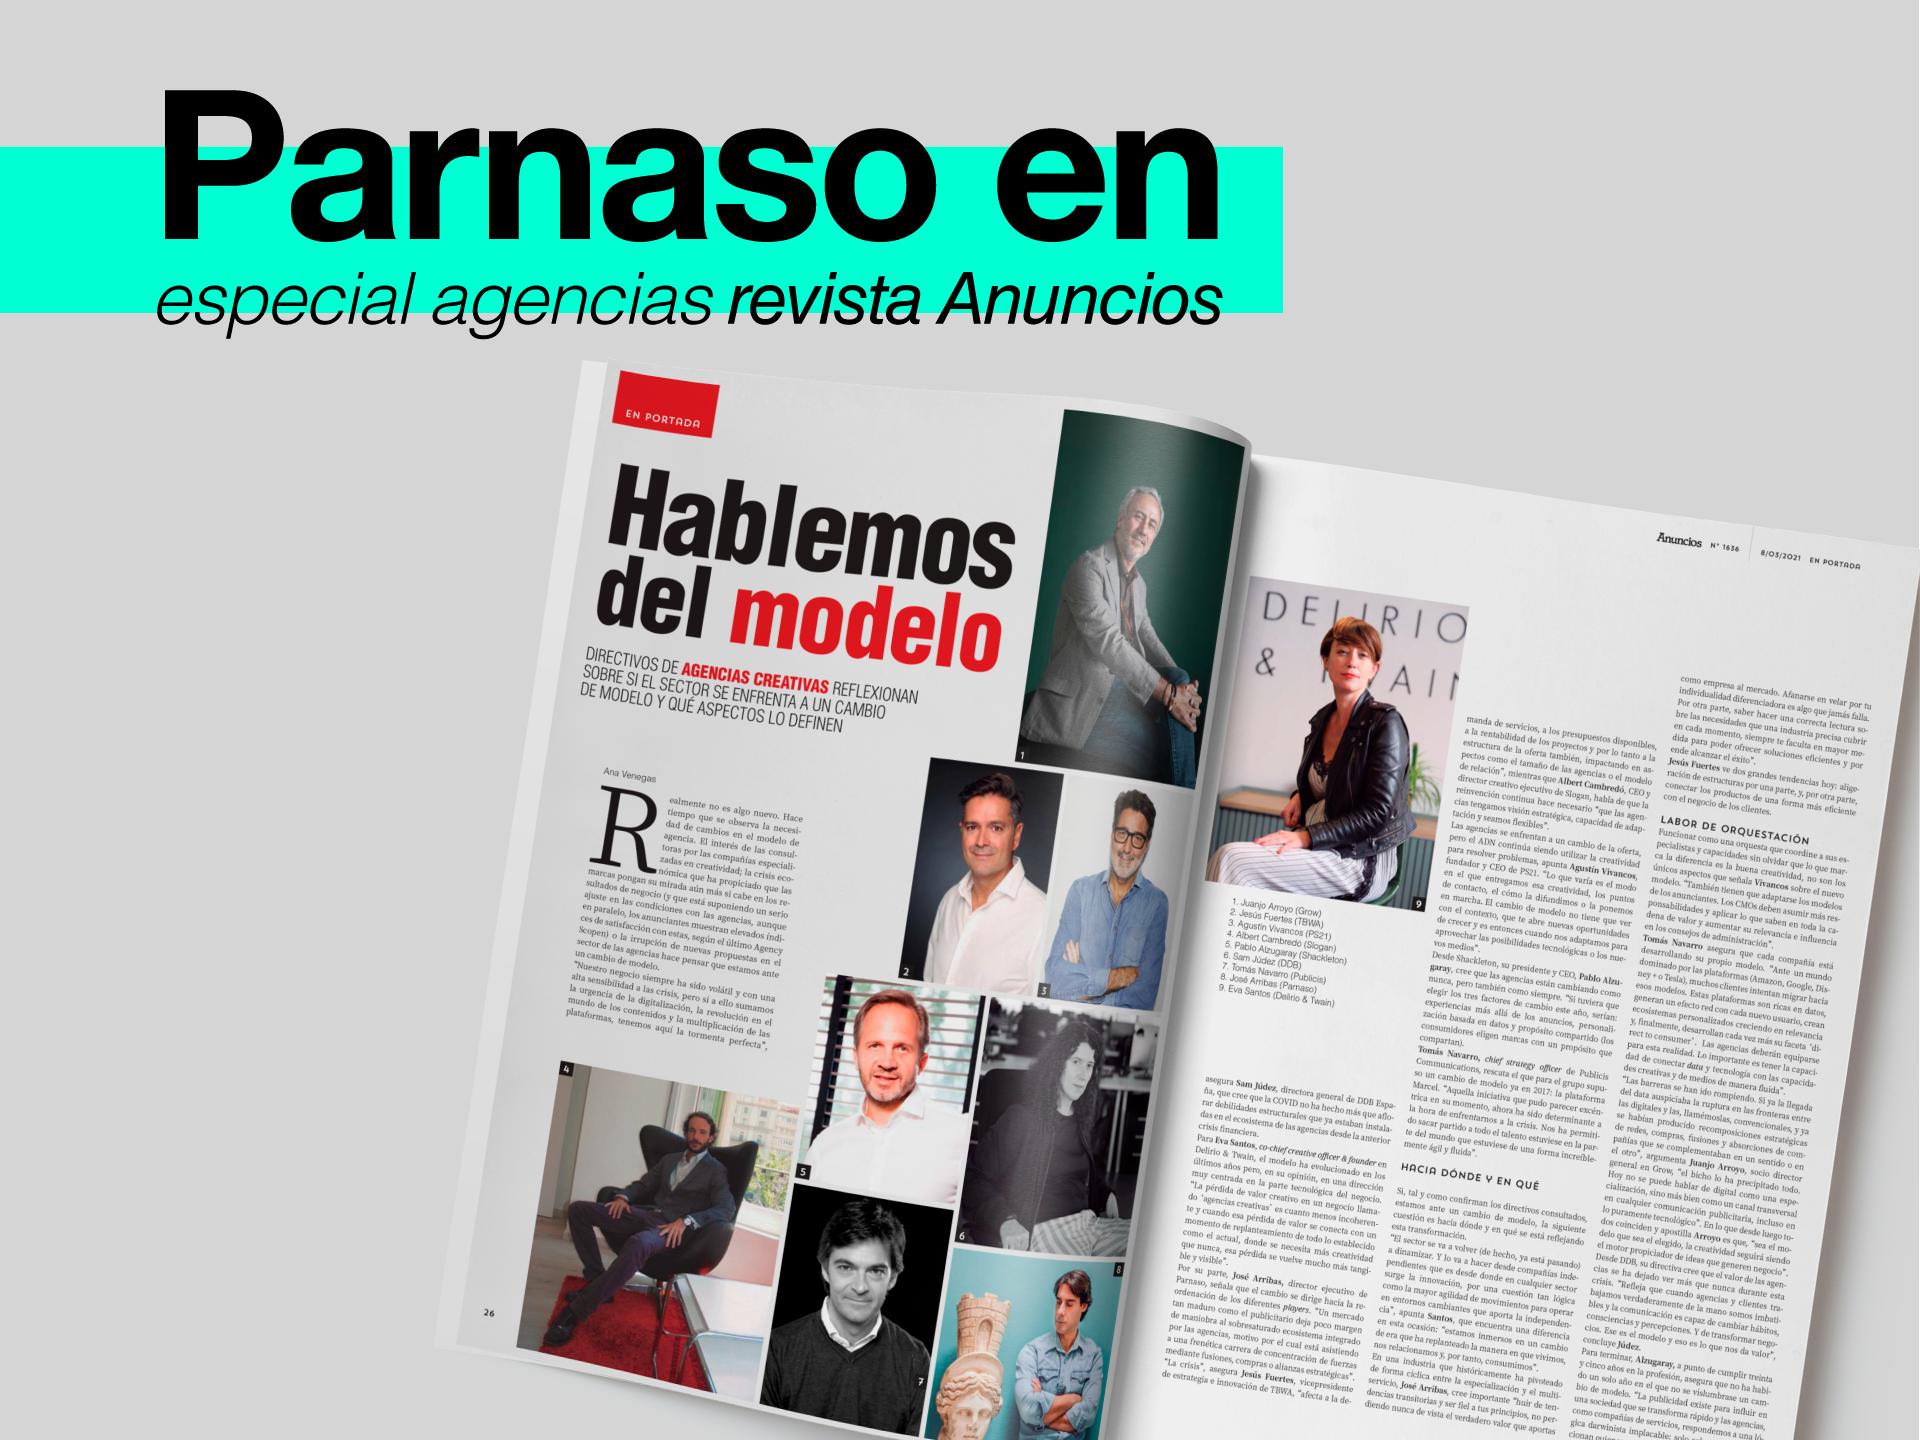 Parnaso en el Especial Agencias de la Revista Anuncios - Parnaso